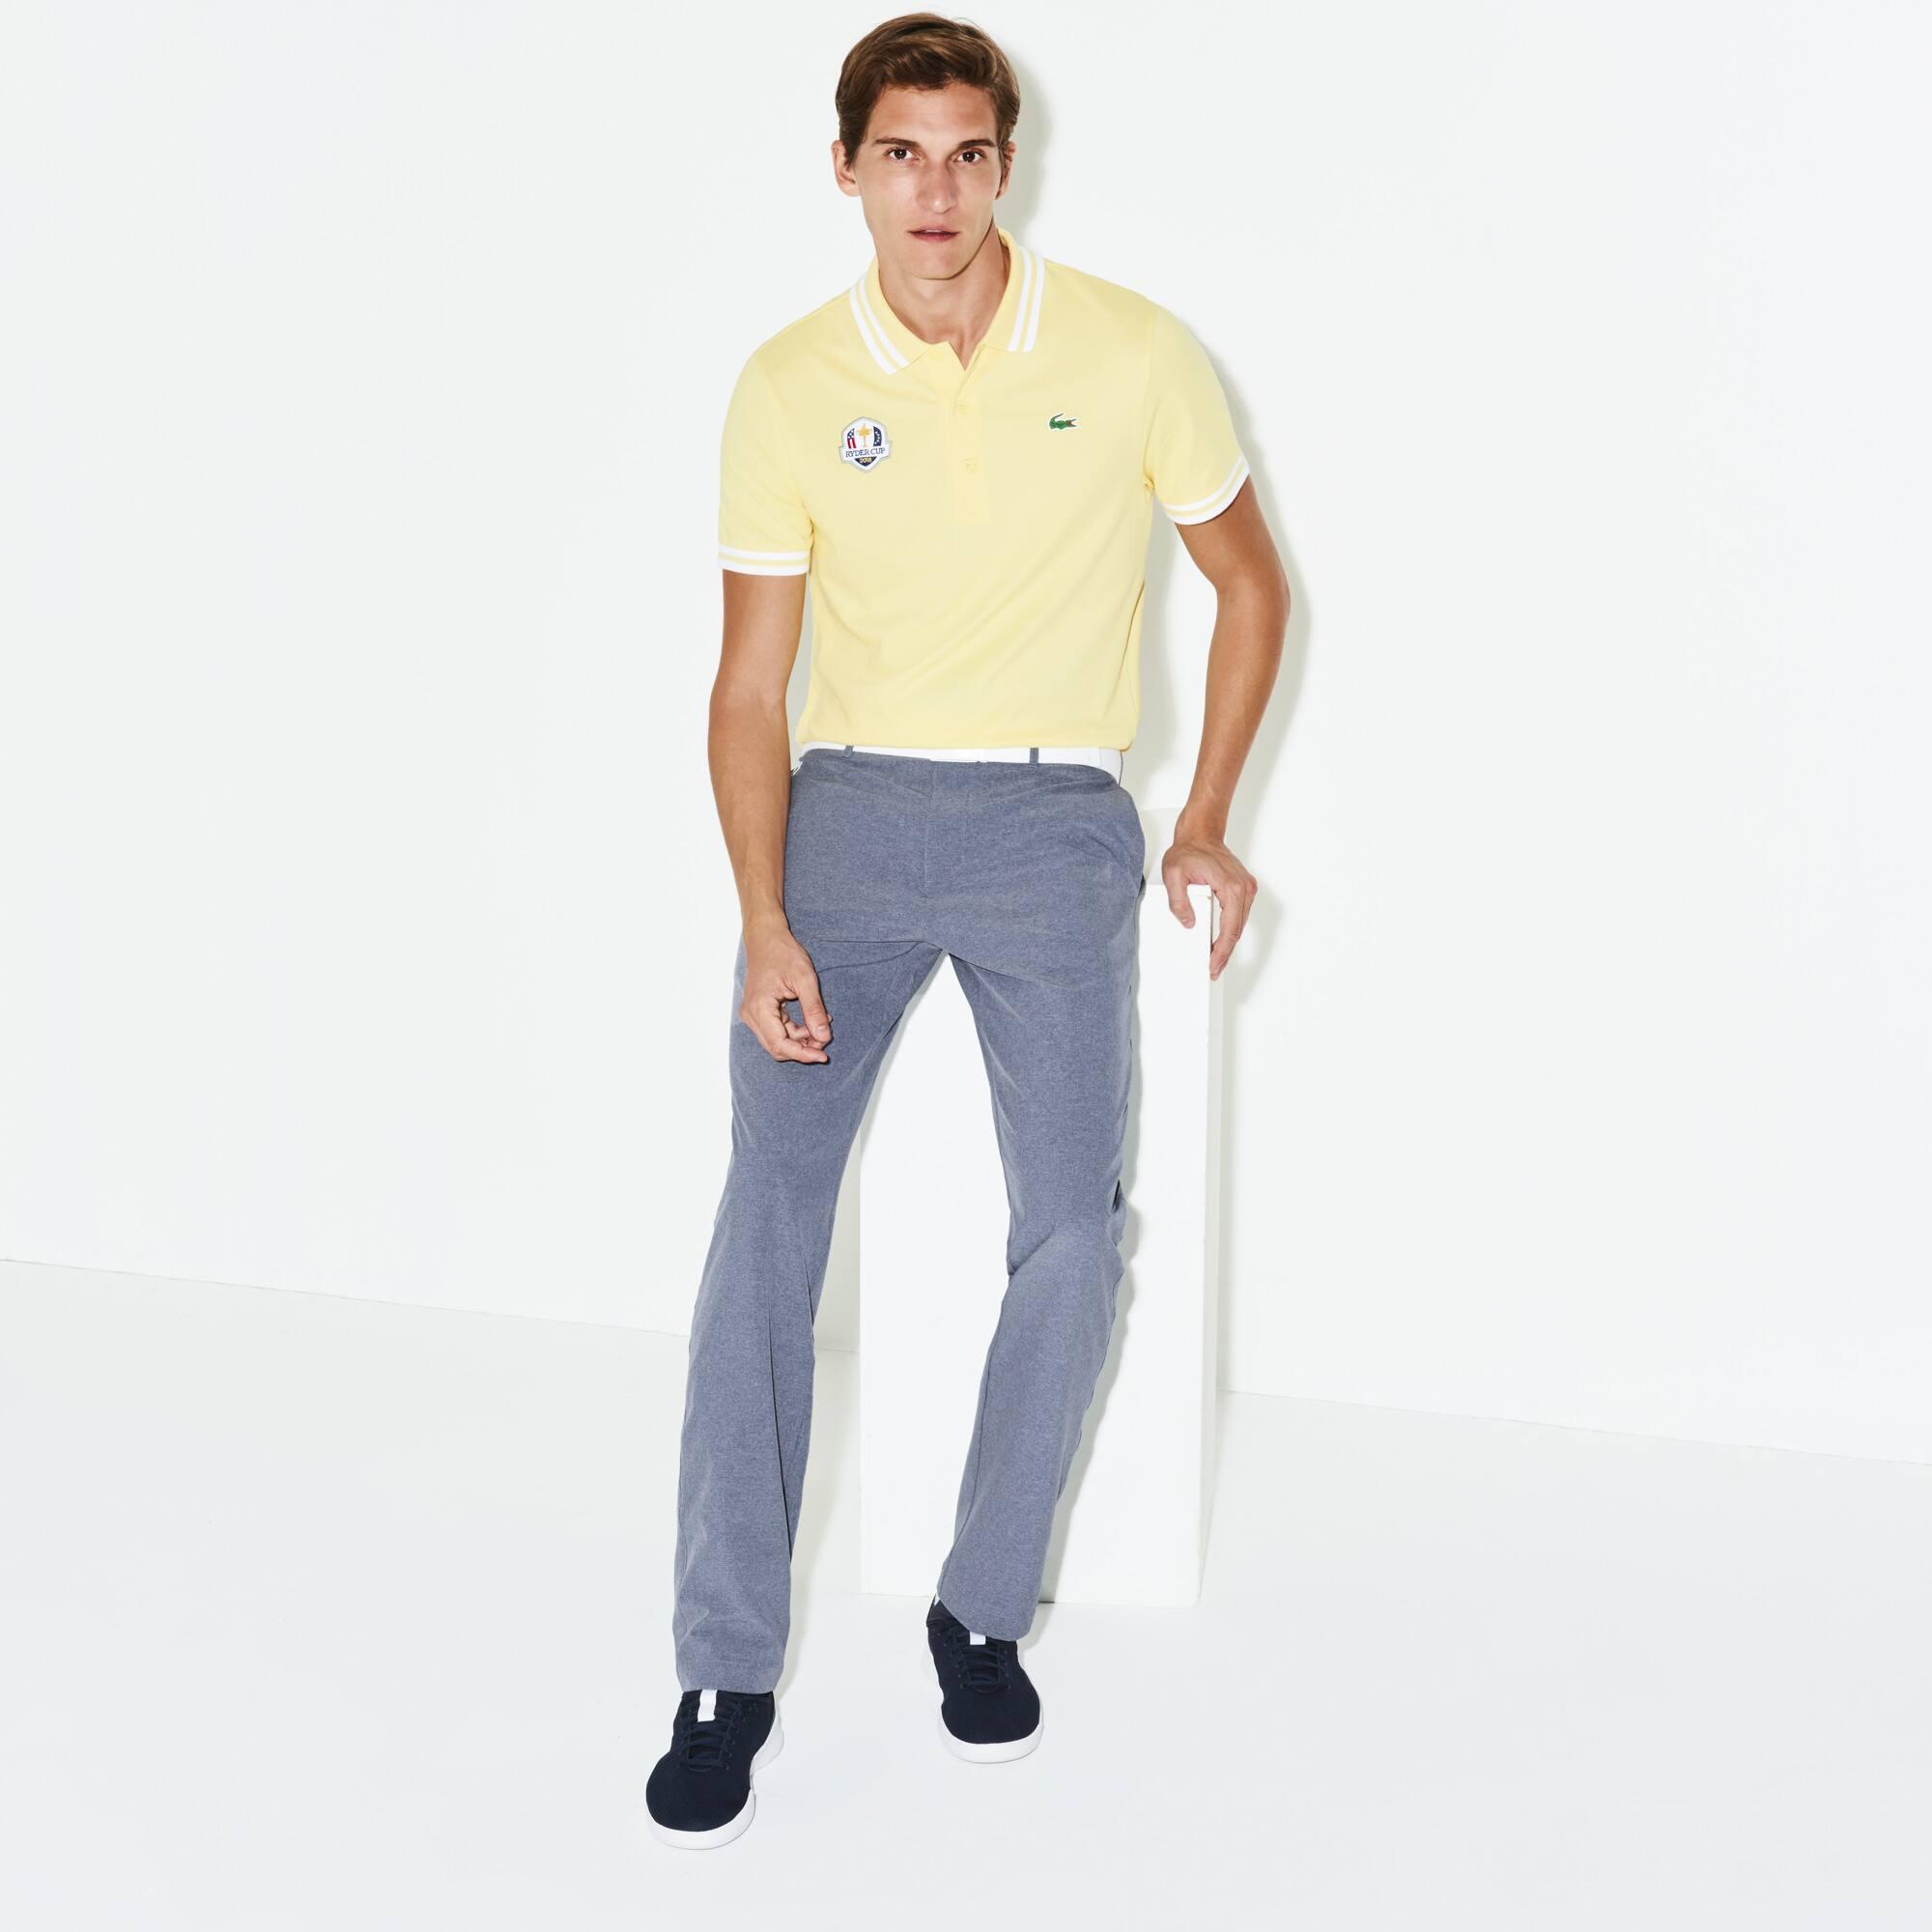 Pantaloni chino Golf Lacoste SPORT in taffetà Edizione Ryder Cup